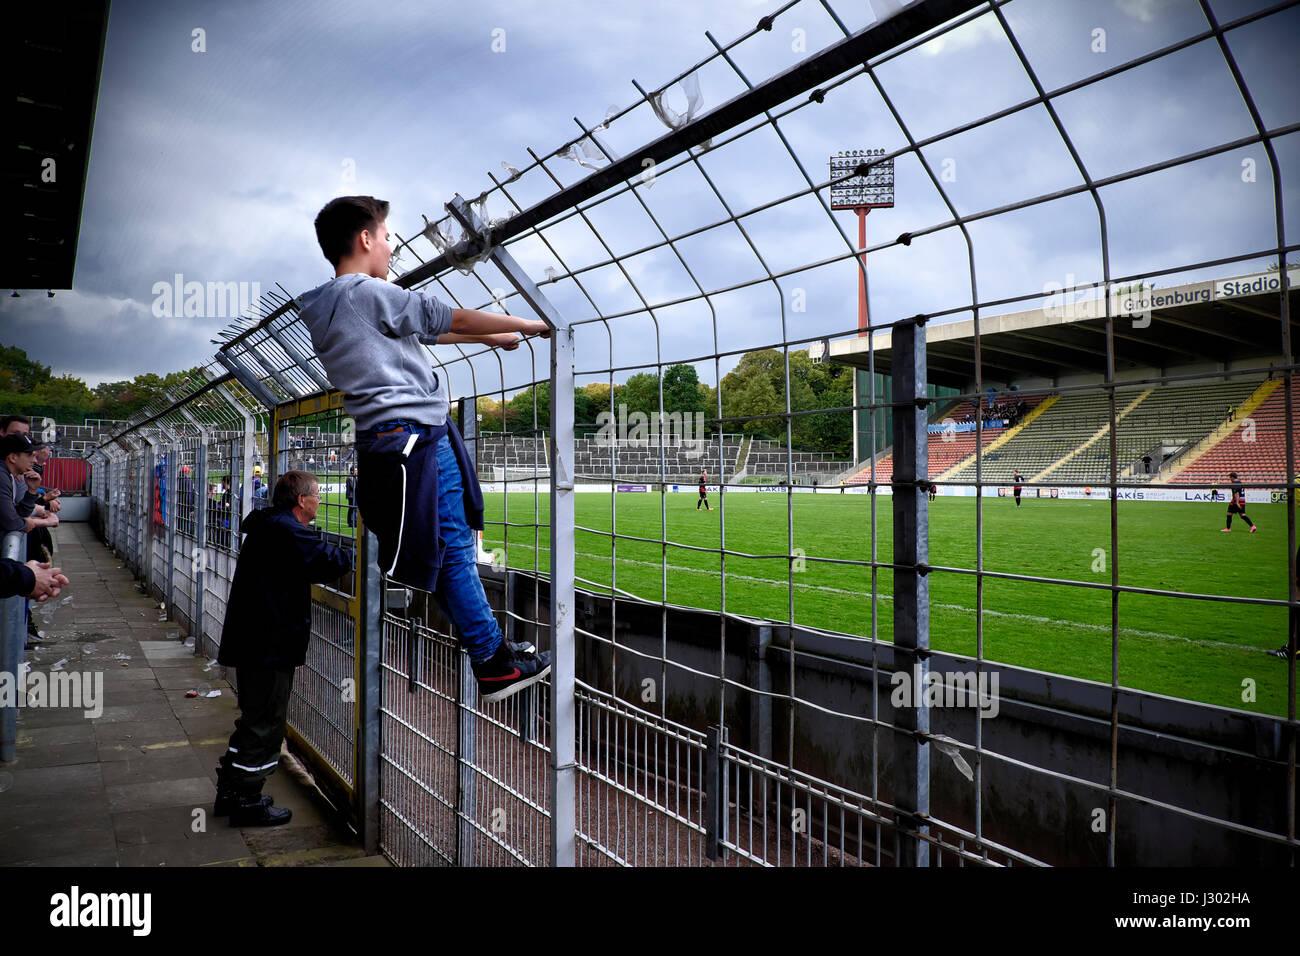 Match day at Krefeld's Grotenburg Stadium - Stock Image